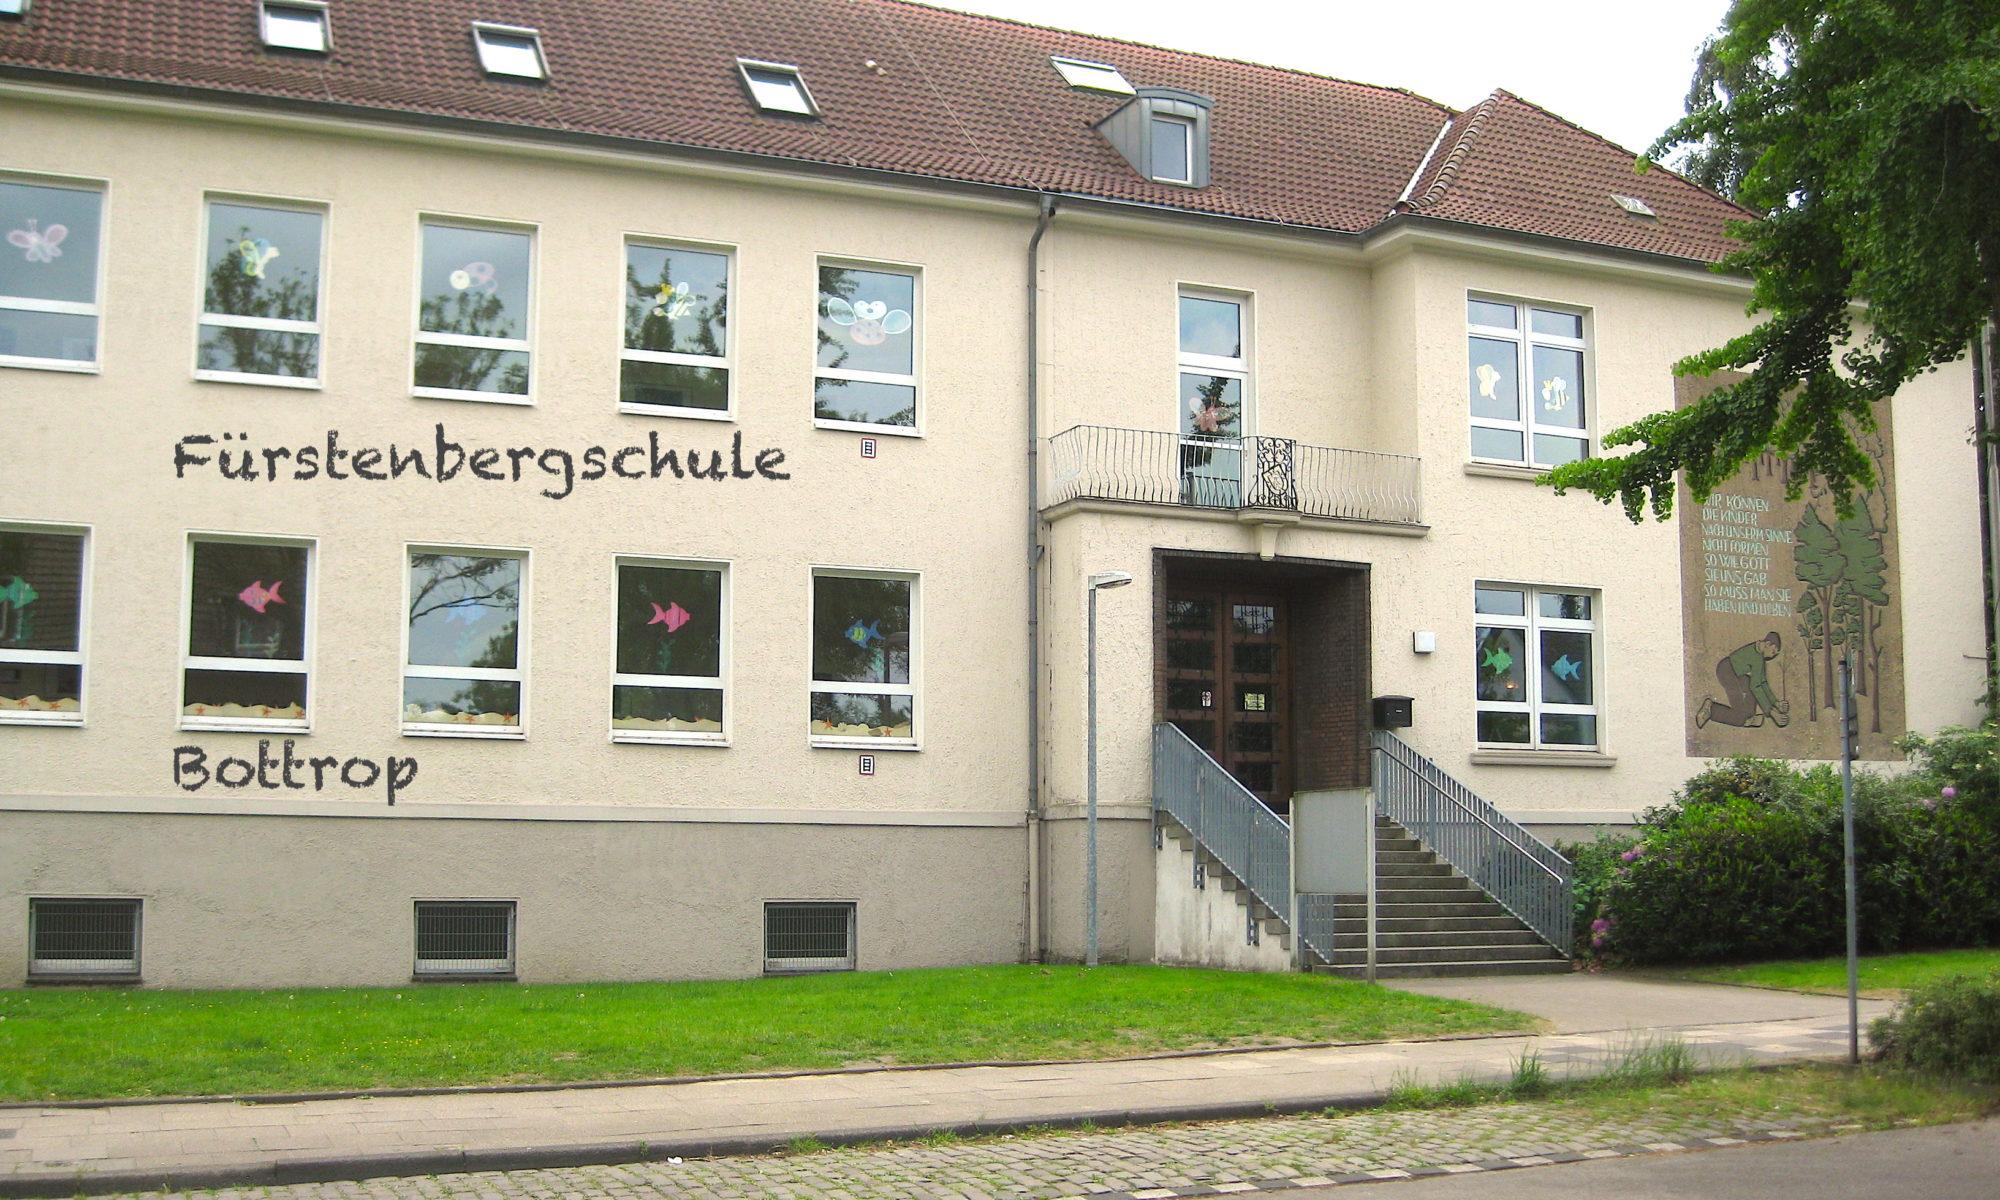 Fürstenbergschule